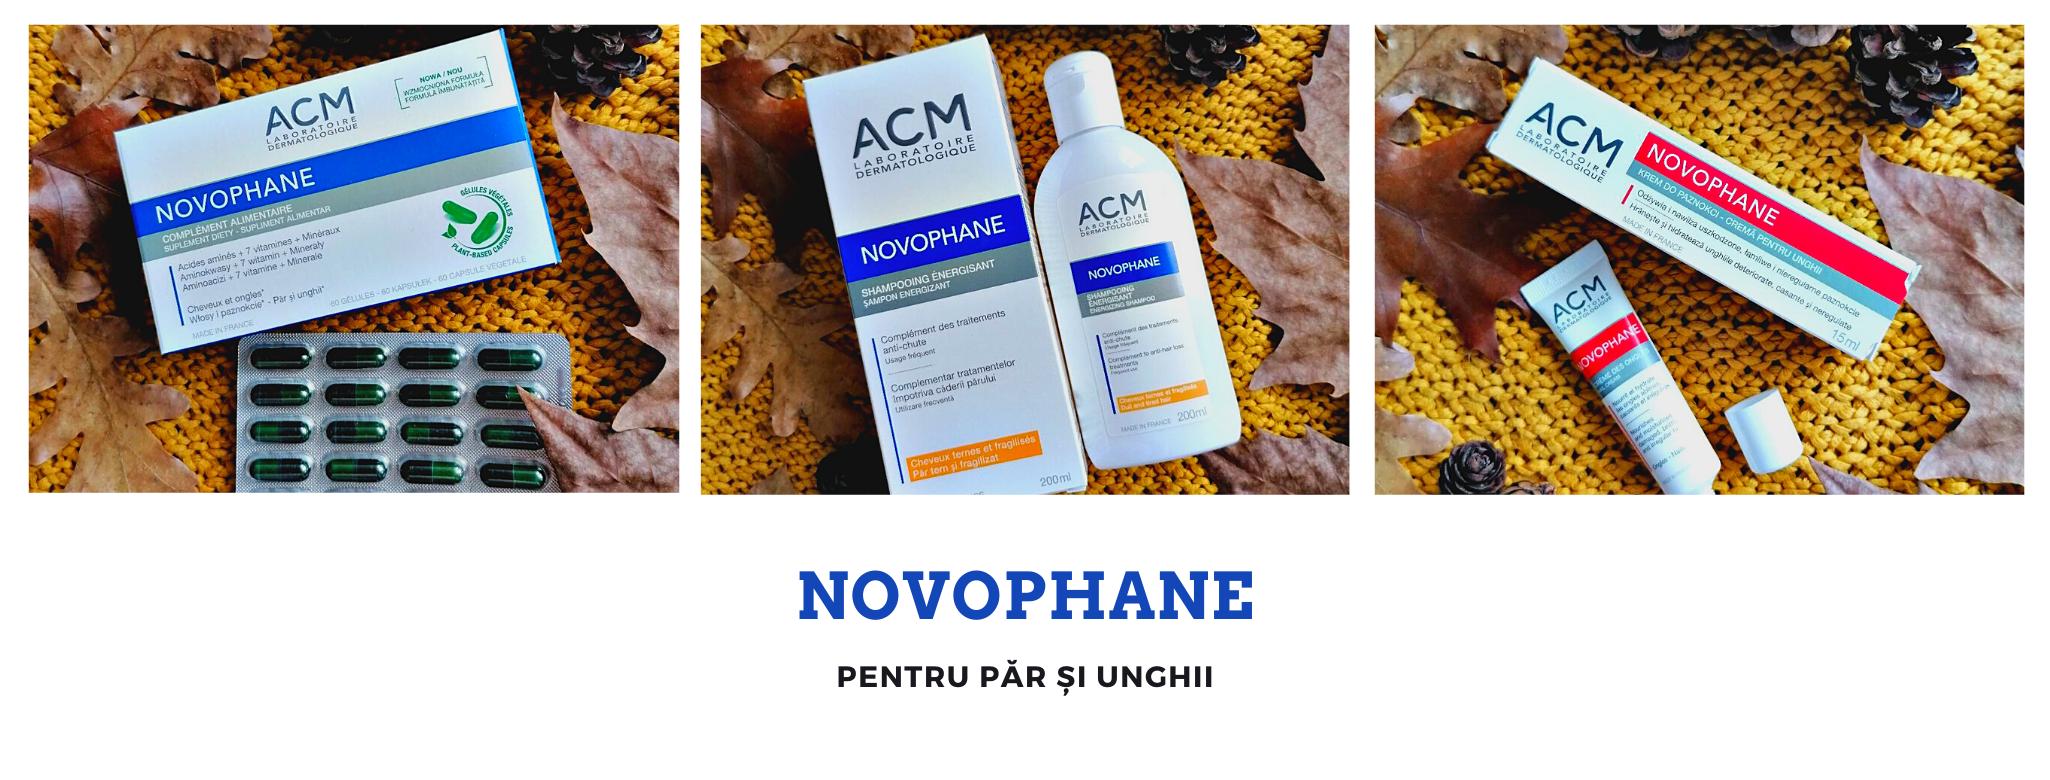 Novophane pentru păr și unghii